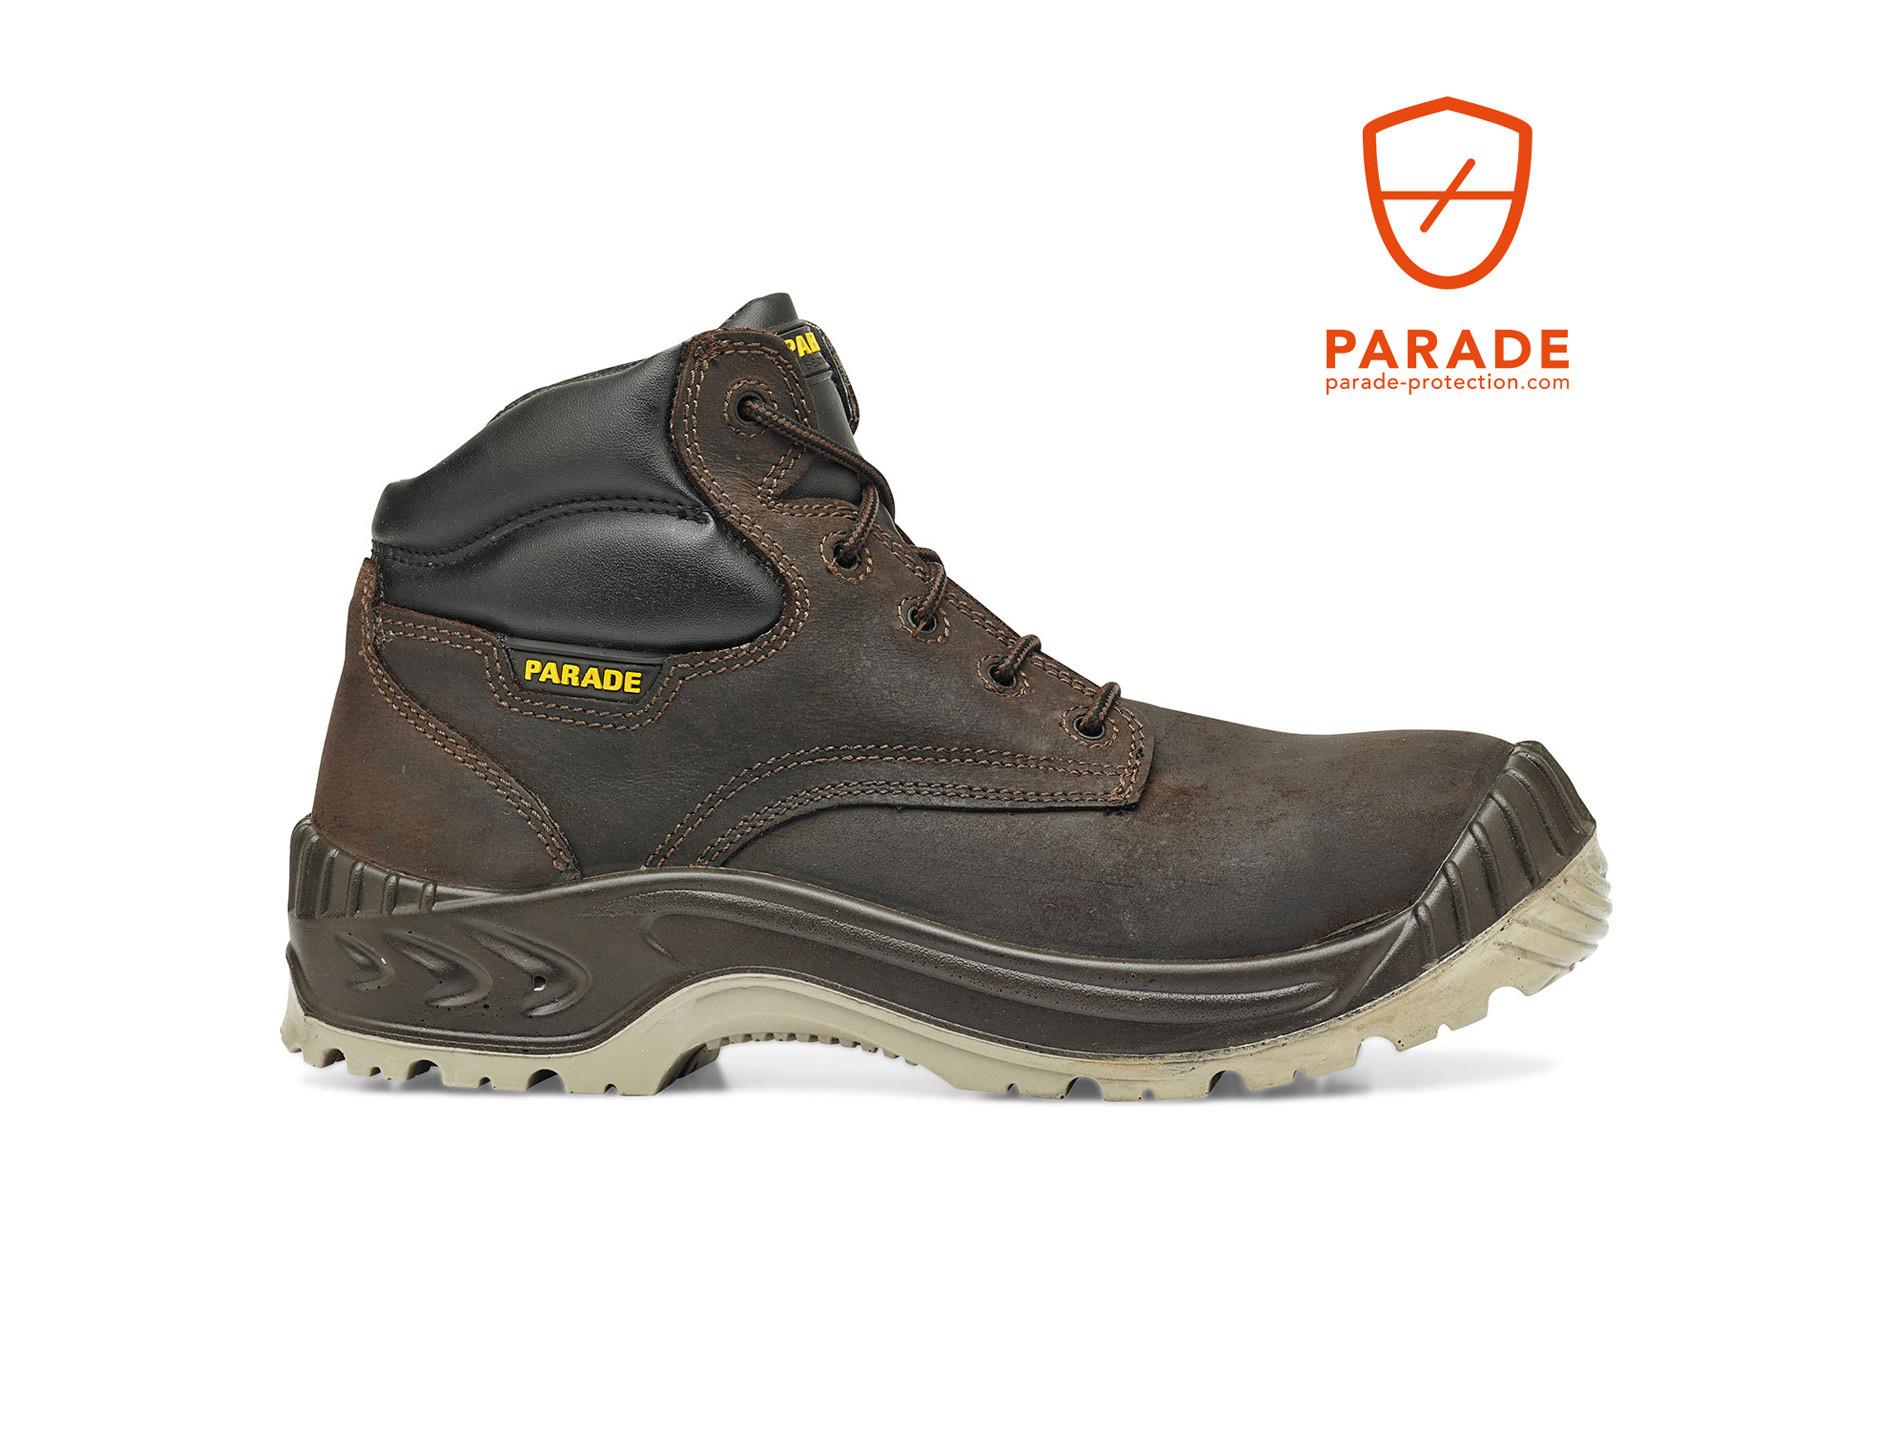 Chaussures de sécurité montantes S3 NOUMEA